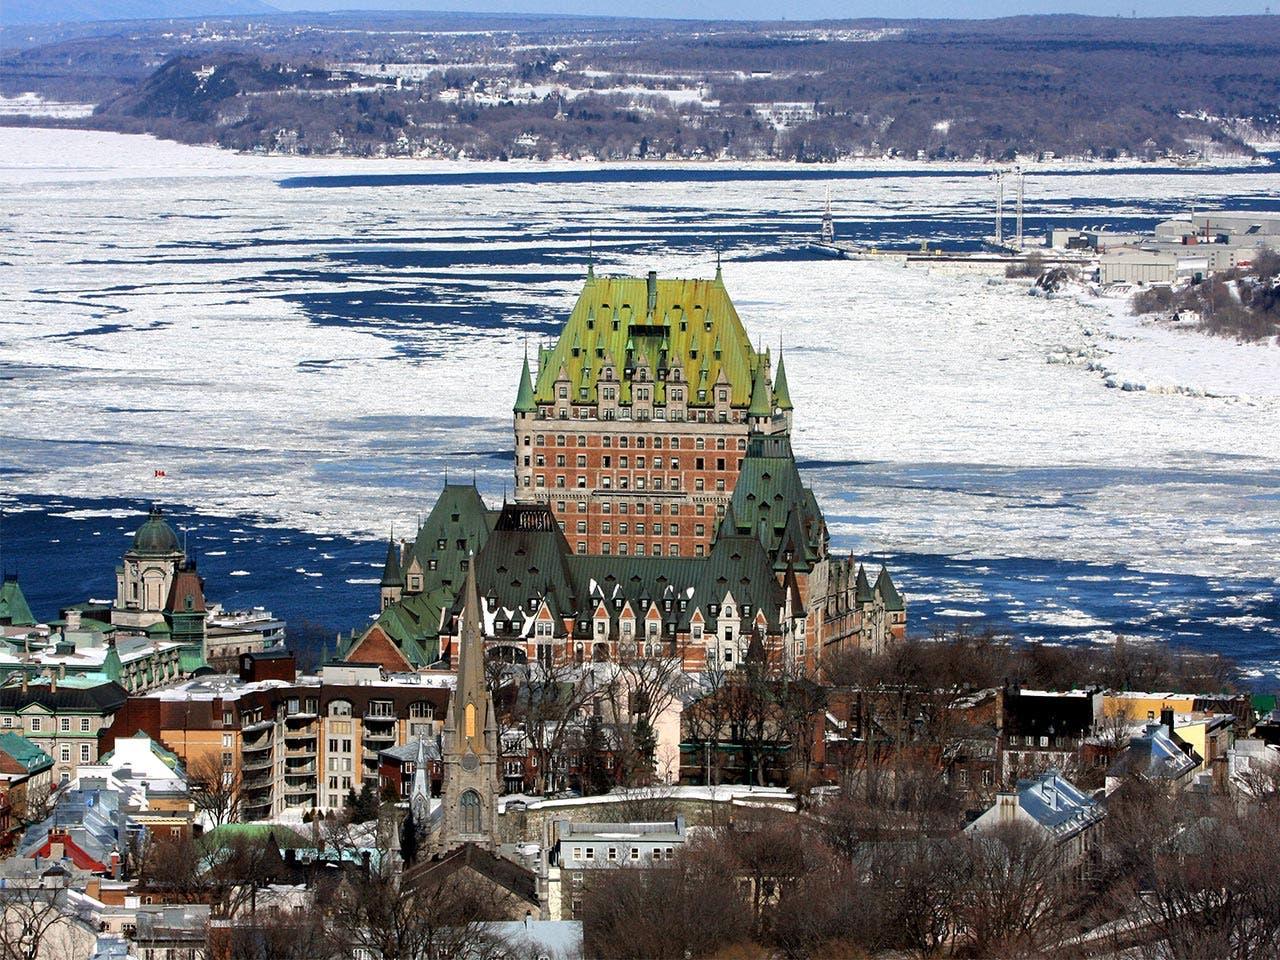 Canada | Eric Valenne/Shutterstock.com